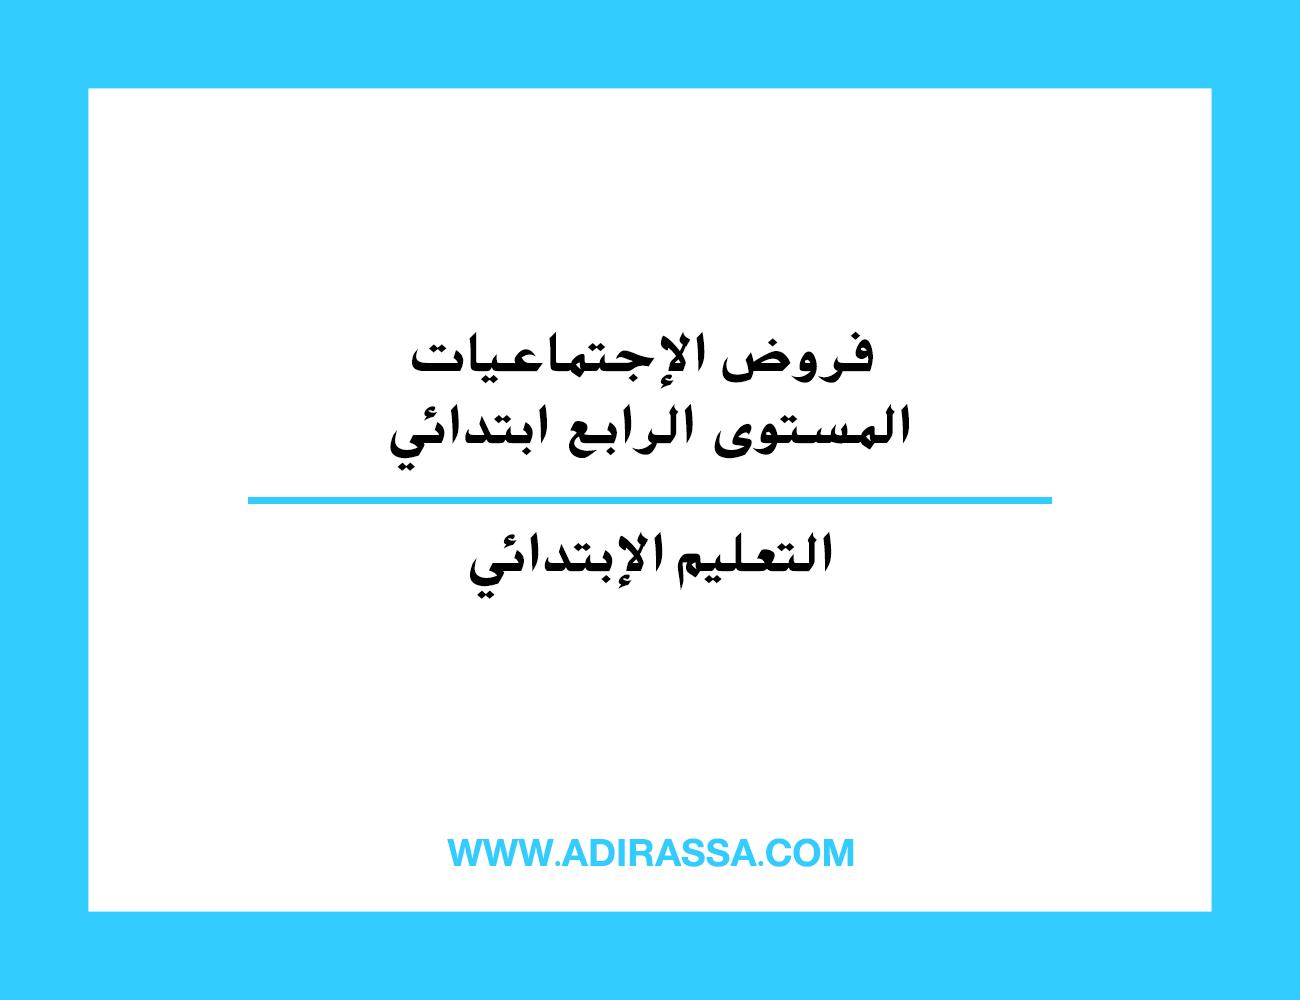 فروض الإجتماعيات المستوى الرابع ابتدائي في المدرسة المغربية